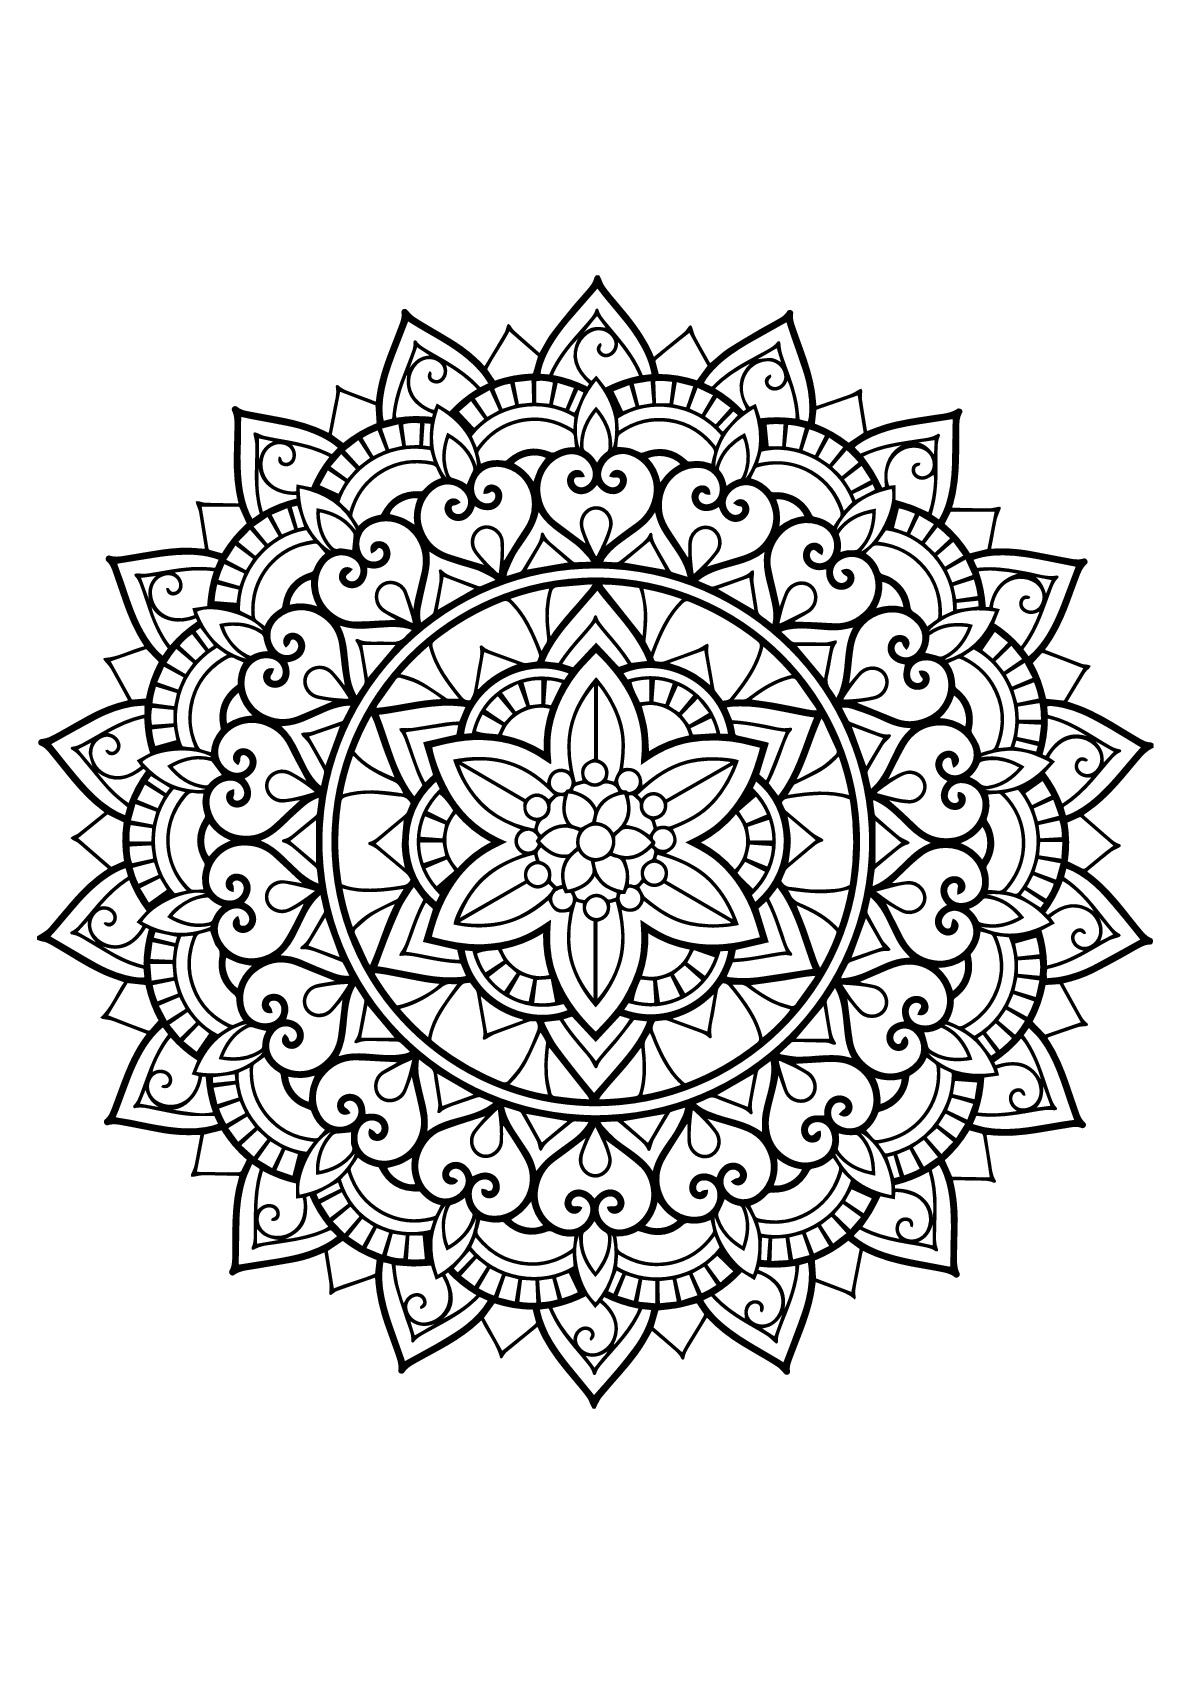 Mandala Livre Gratuit 29 - Mandalas - Coloriages dedans Livre Coloriage Adulte